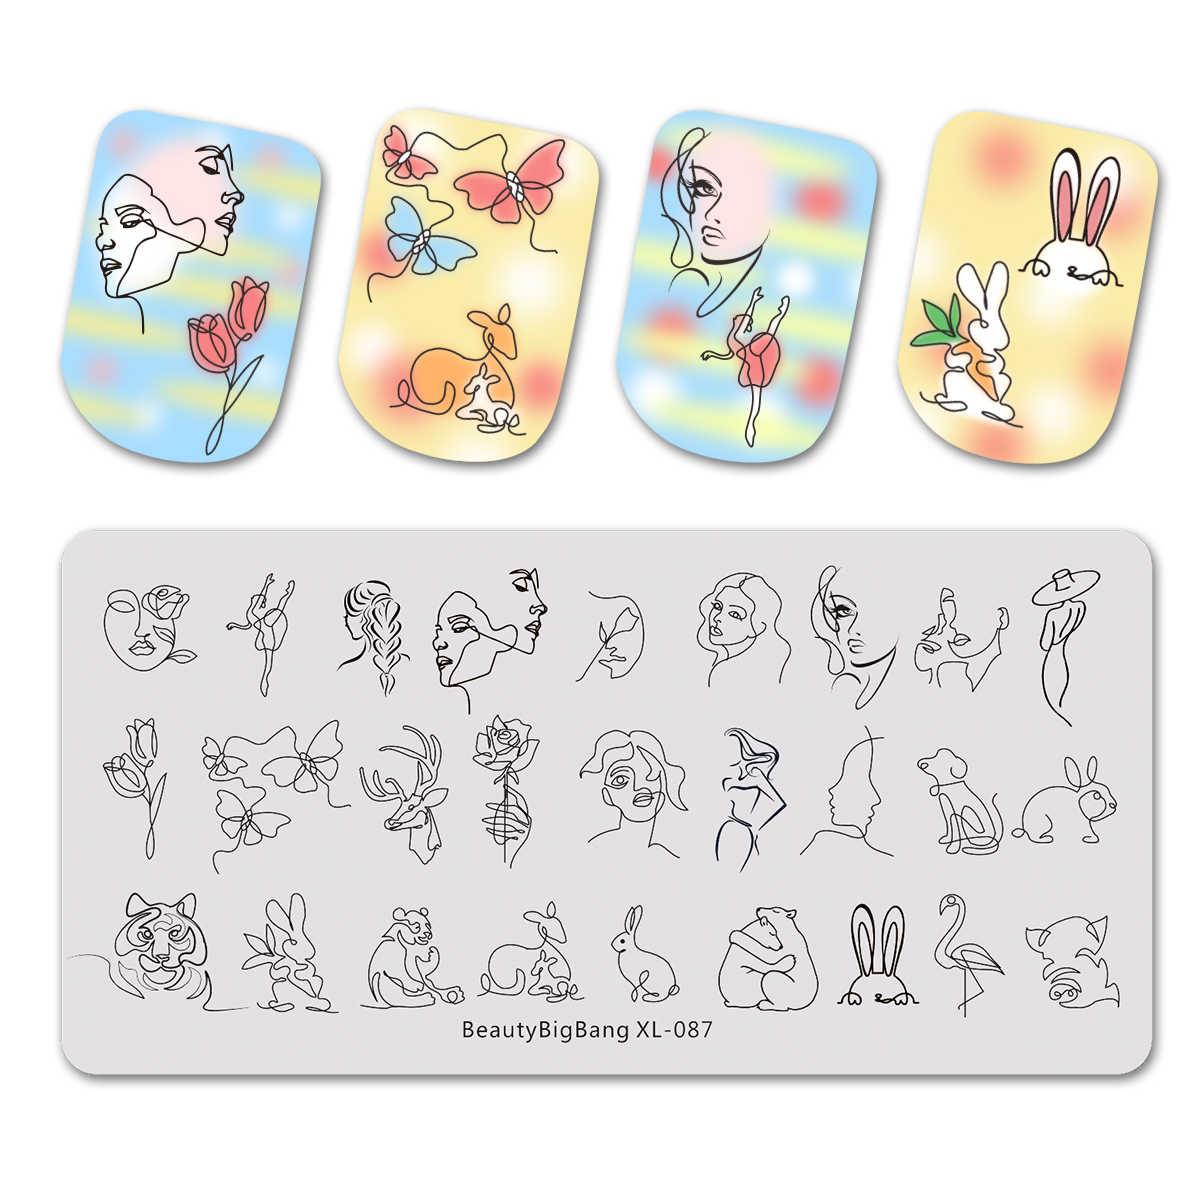 Beautybigbang 6*12cm placas de carimbo do prego modelo do prego listrado flor animal padrão prego carimbo arte do prego imagem modelo